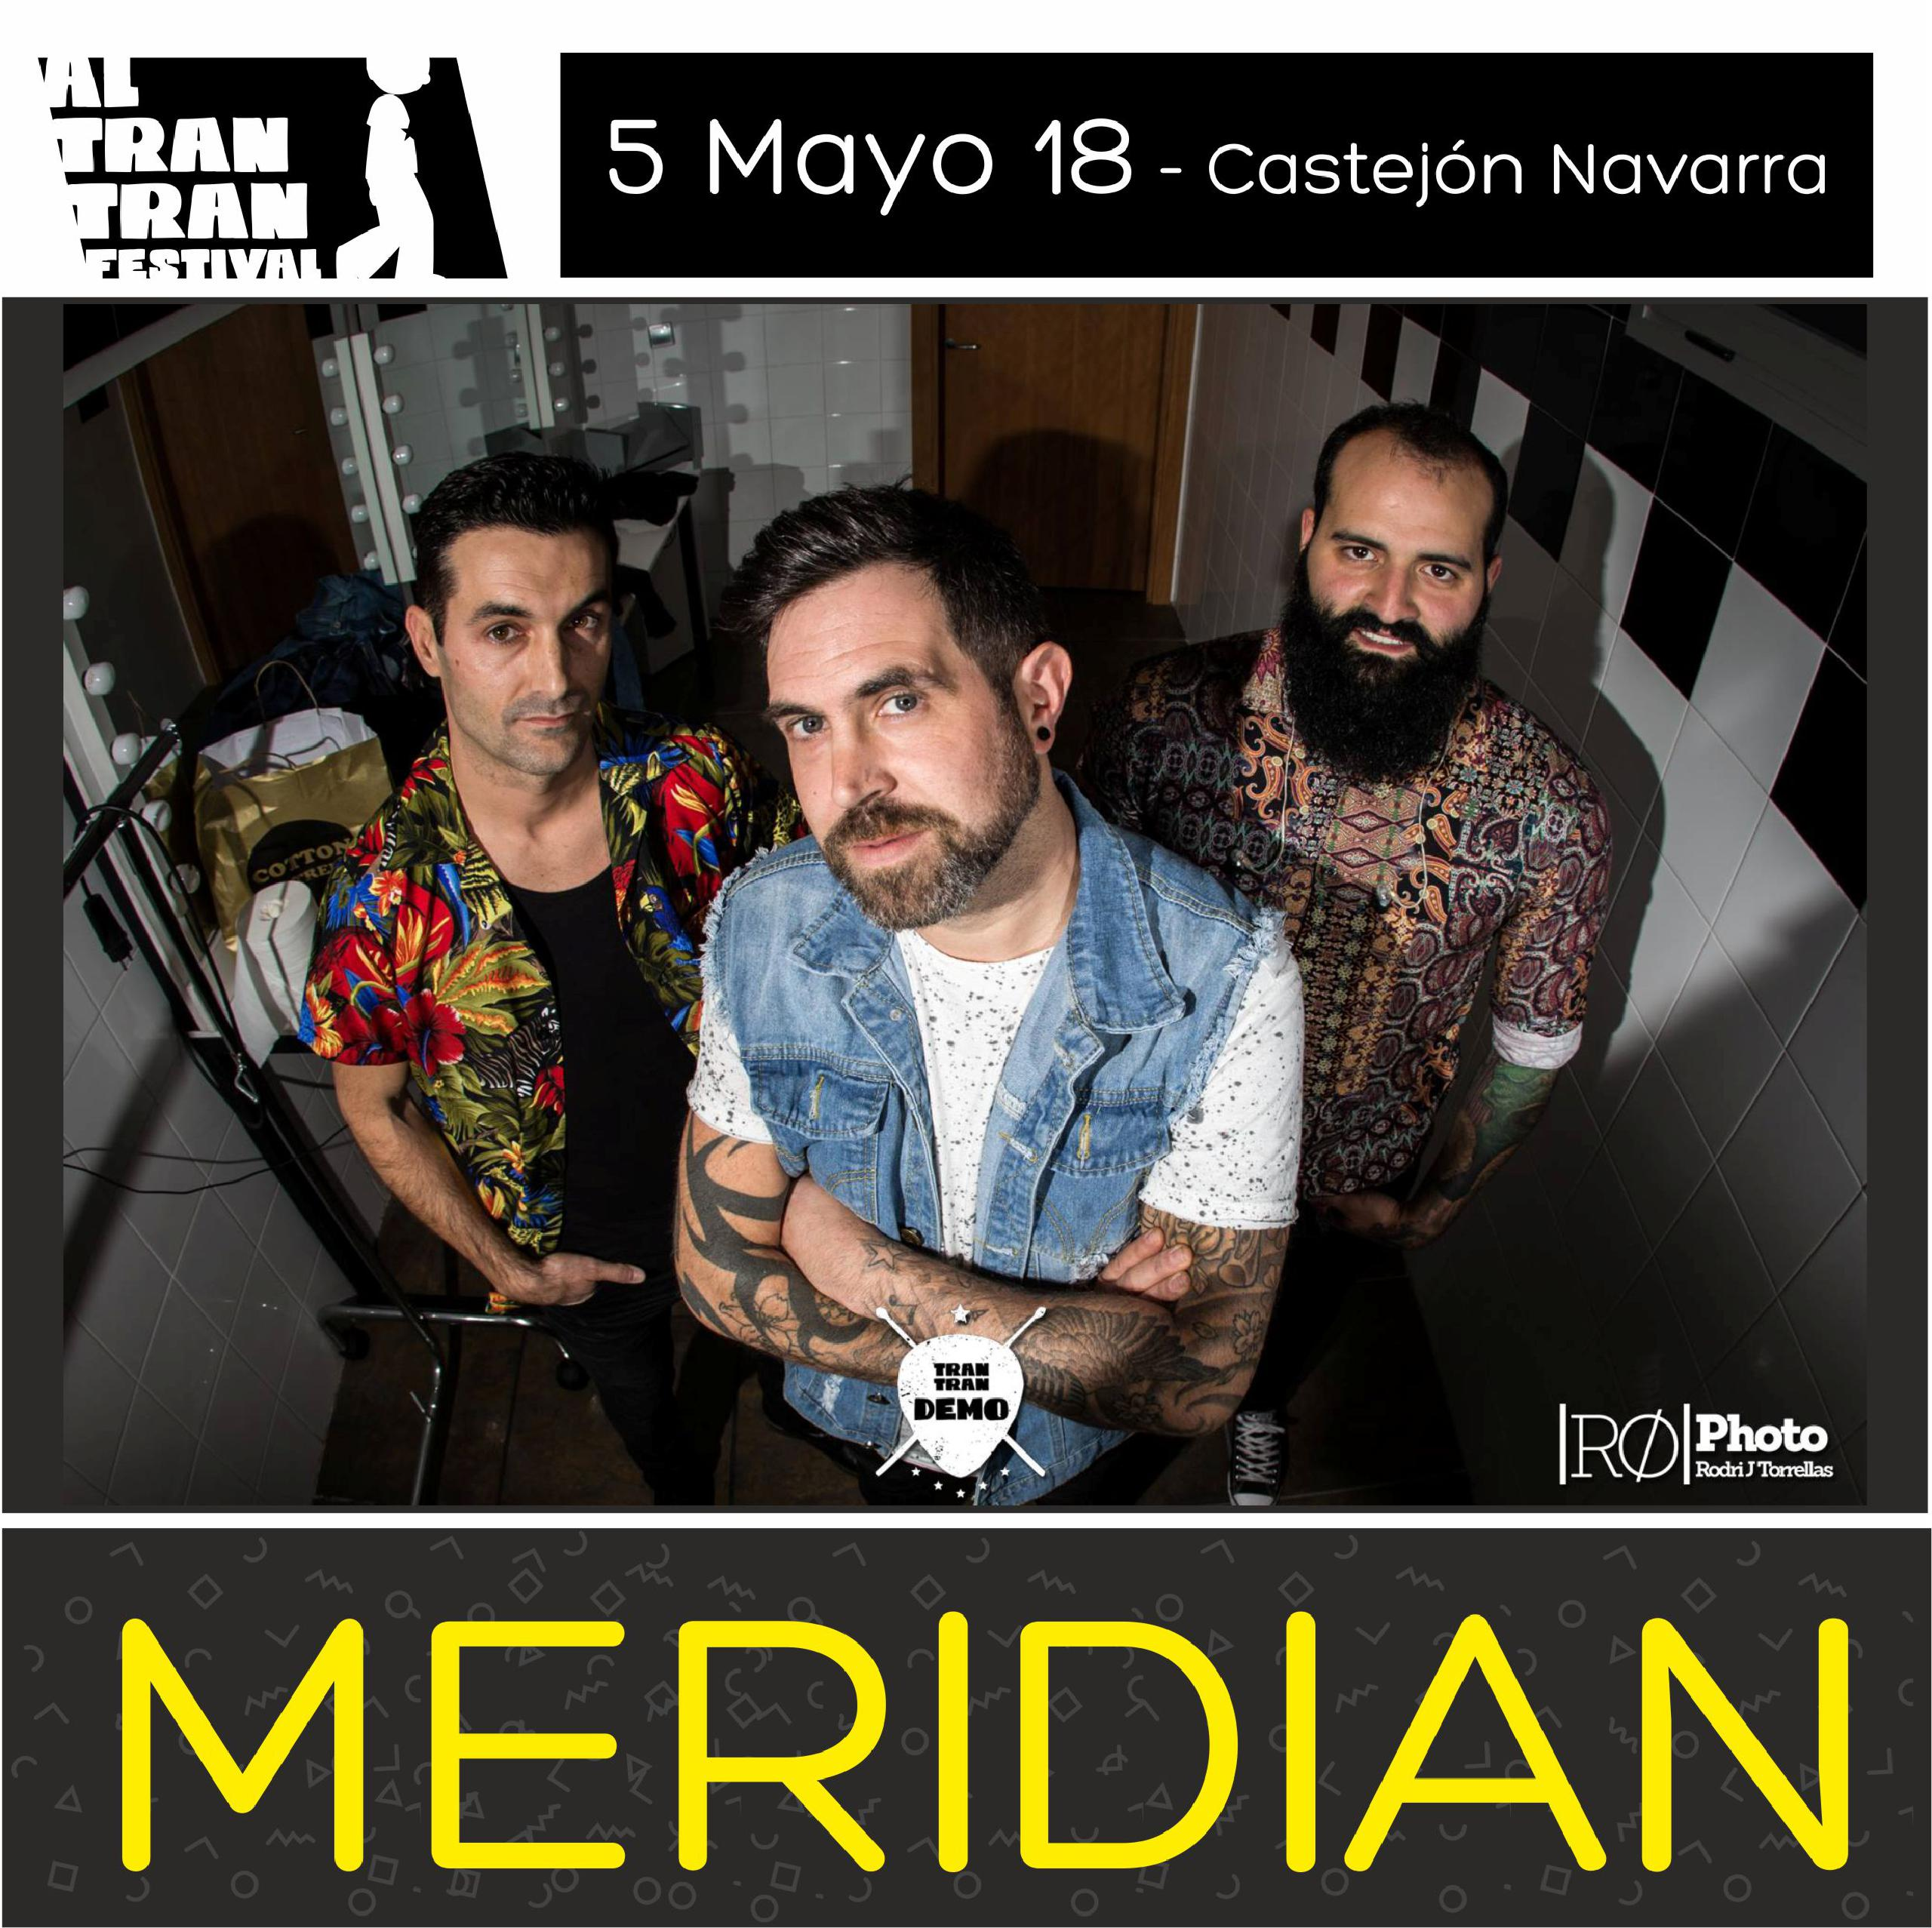 Meridian, en menos de un año de vida, van a tocar en uno de los festivales más mediaticos del país, San san Festival